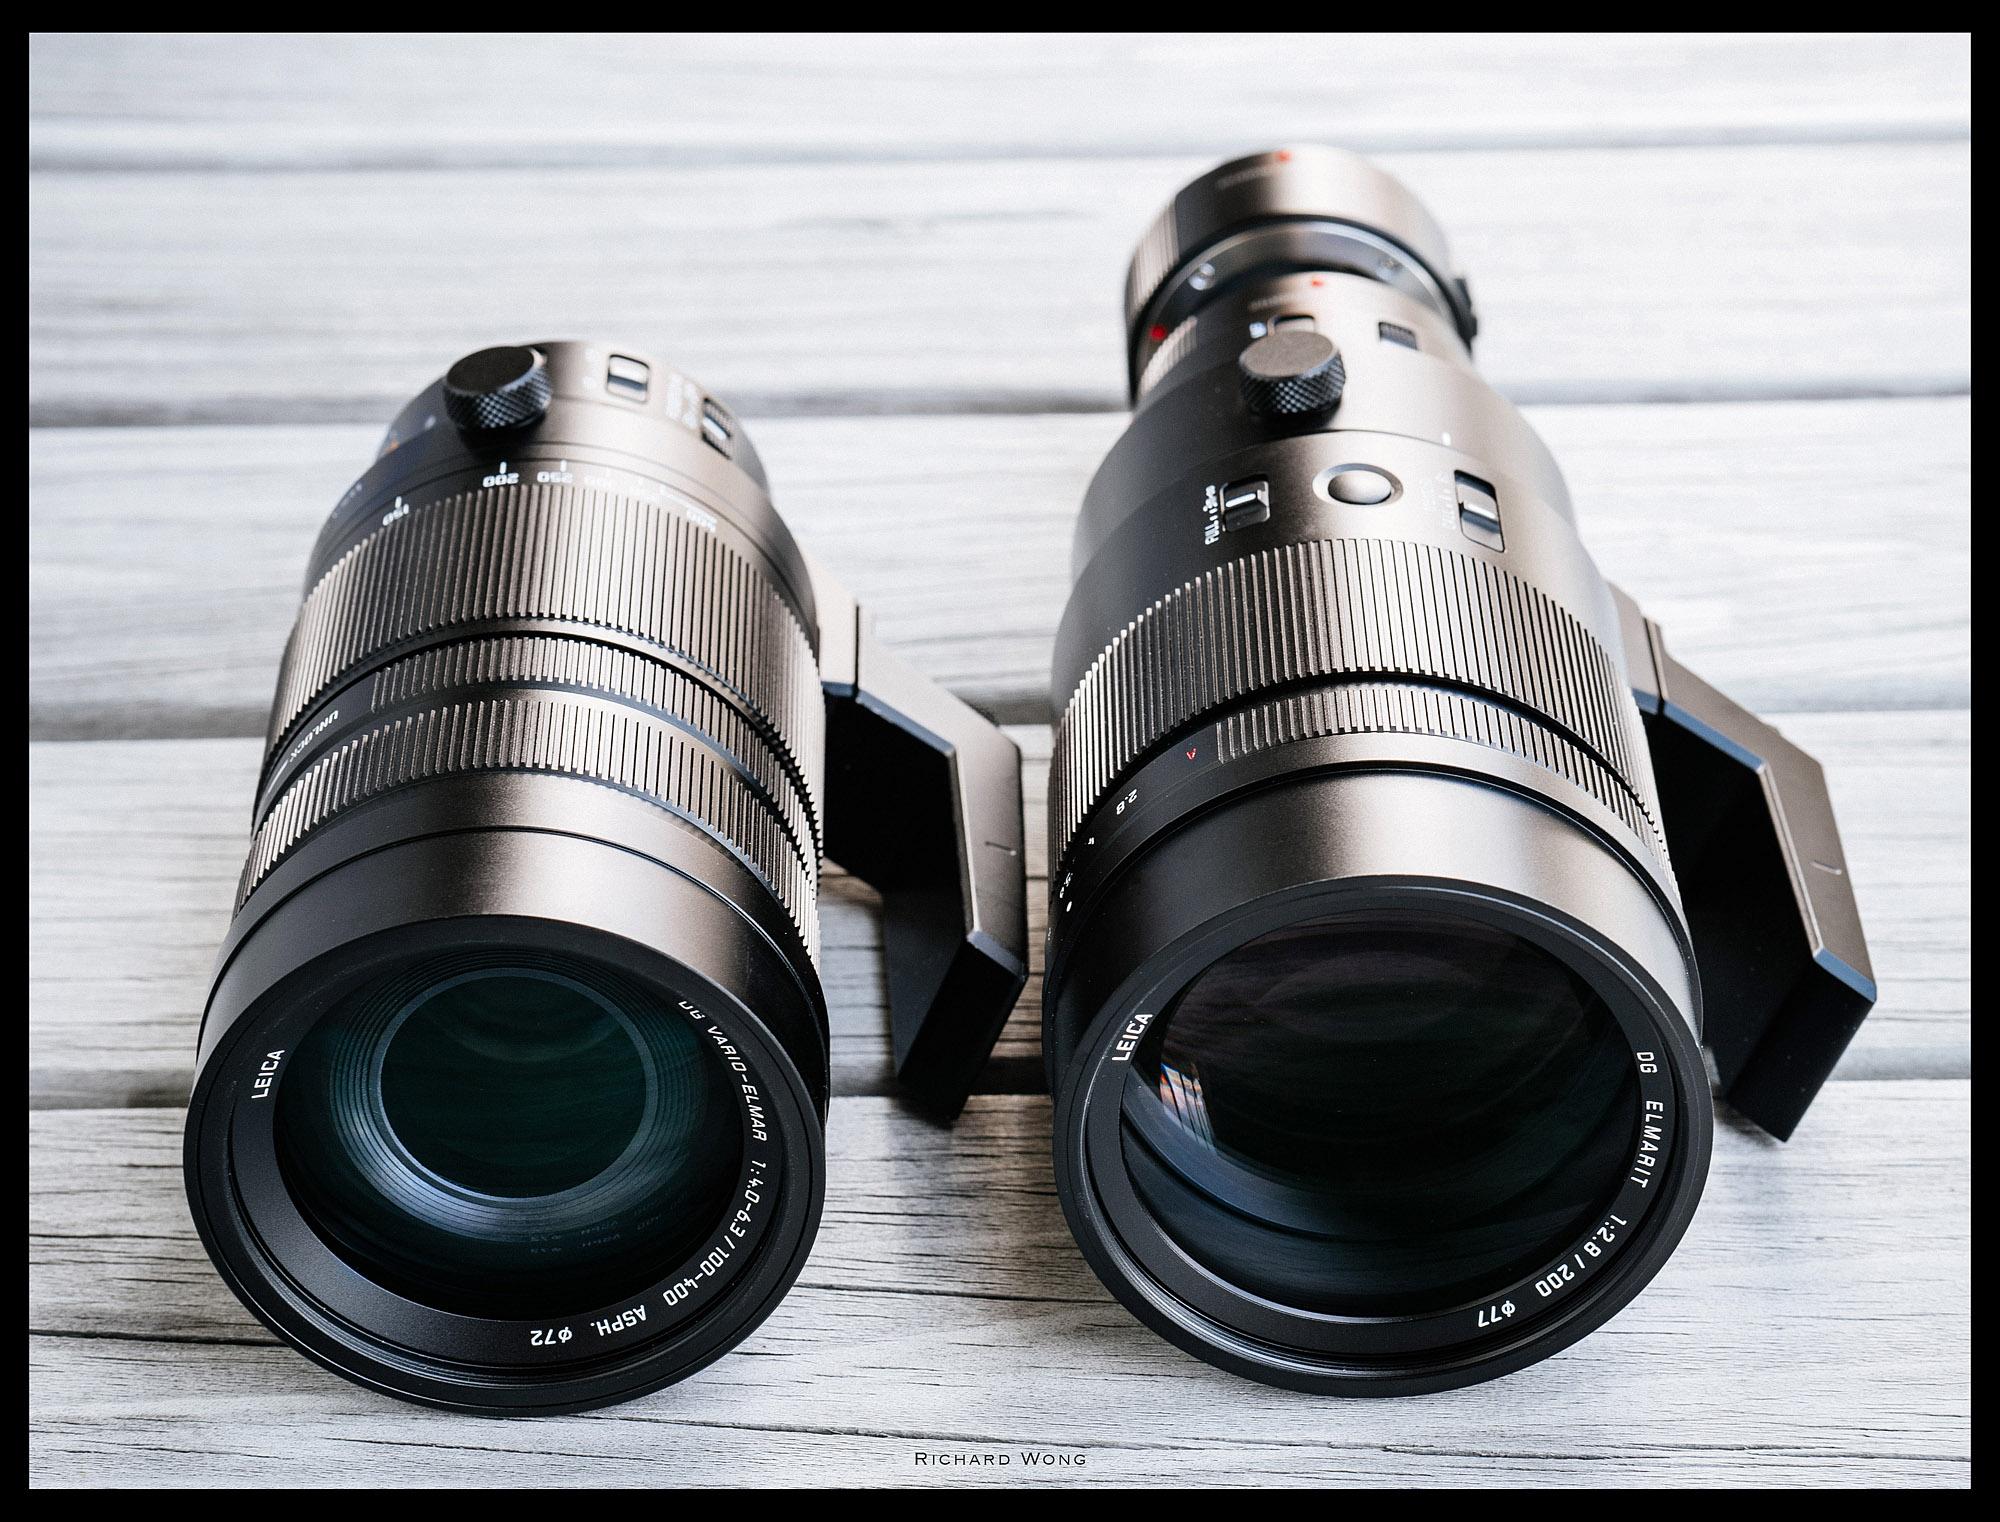 Panasonic Leica DG 100-400mm f/4-6 4 vs Leica DG 200mm f/2 8 (w 1 4x